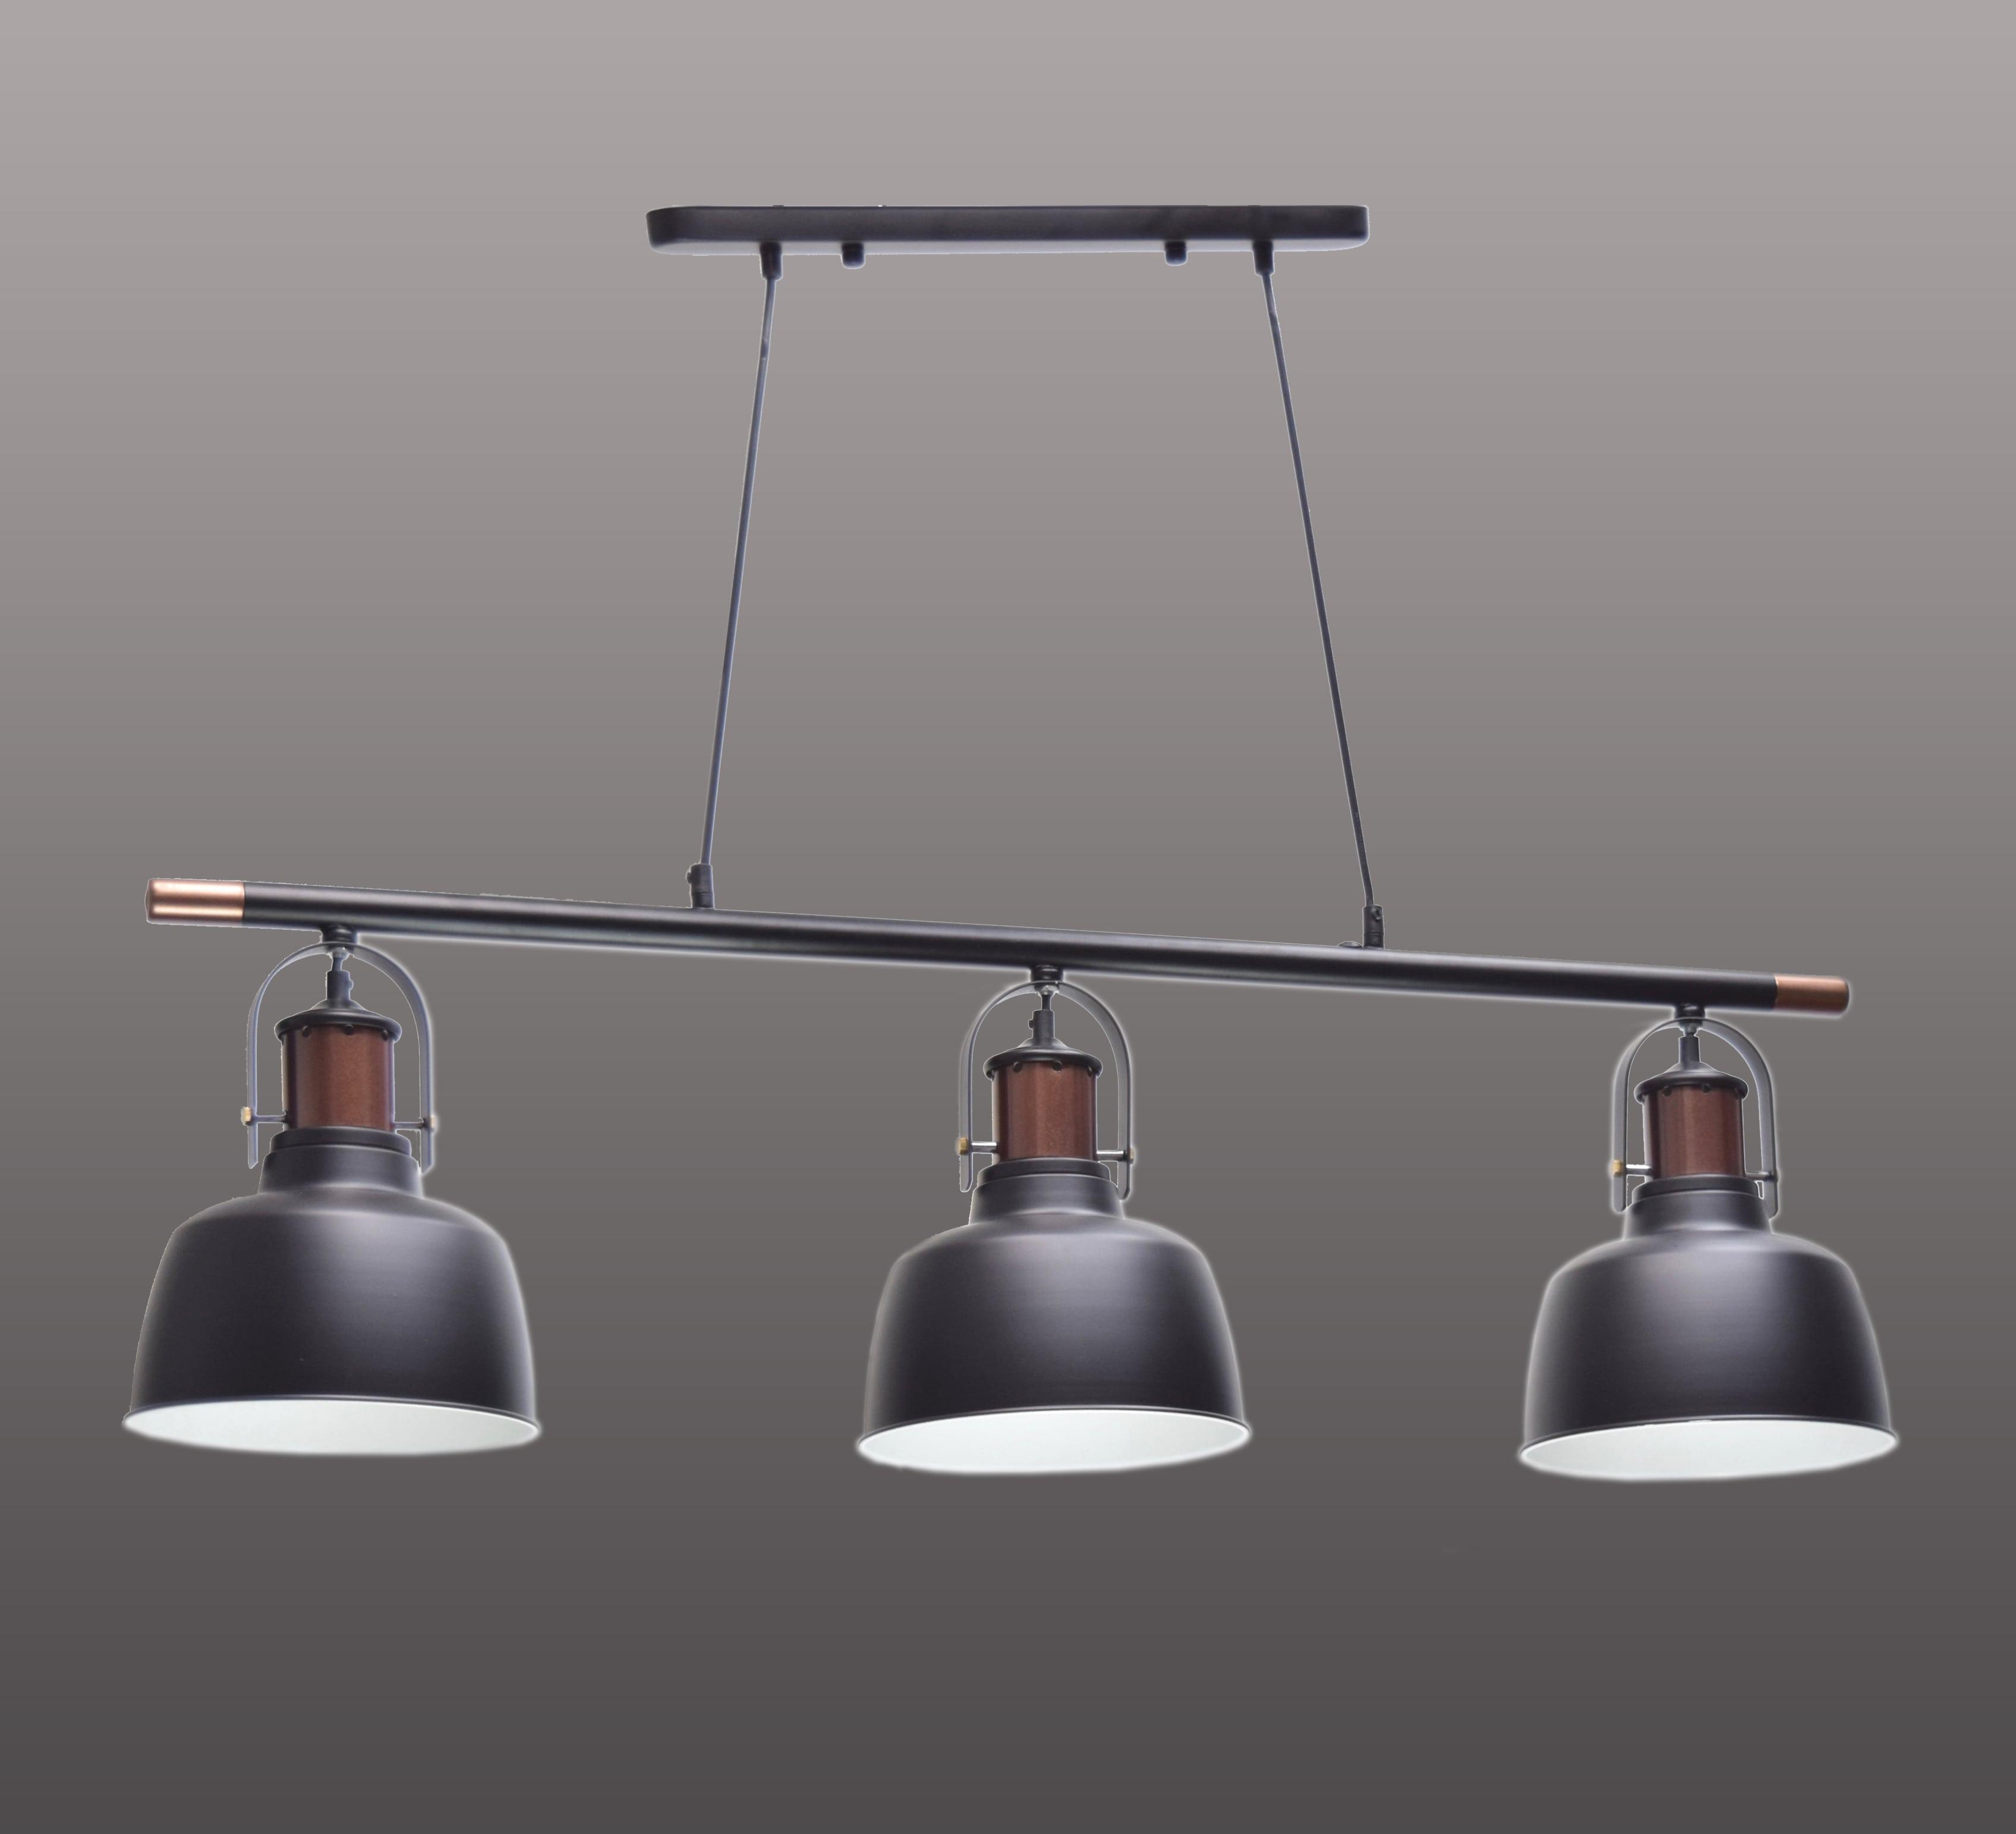 英倫復古三燈頭吊燈-BNL00125 3